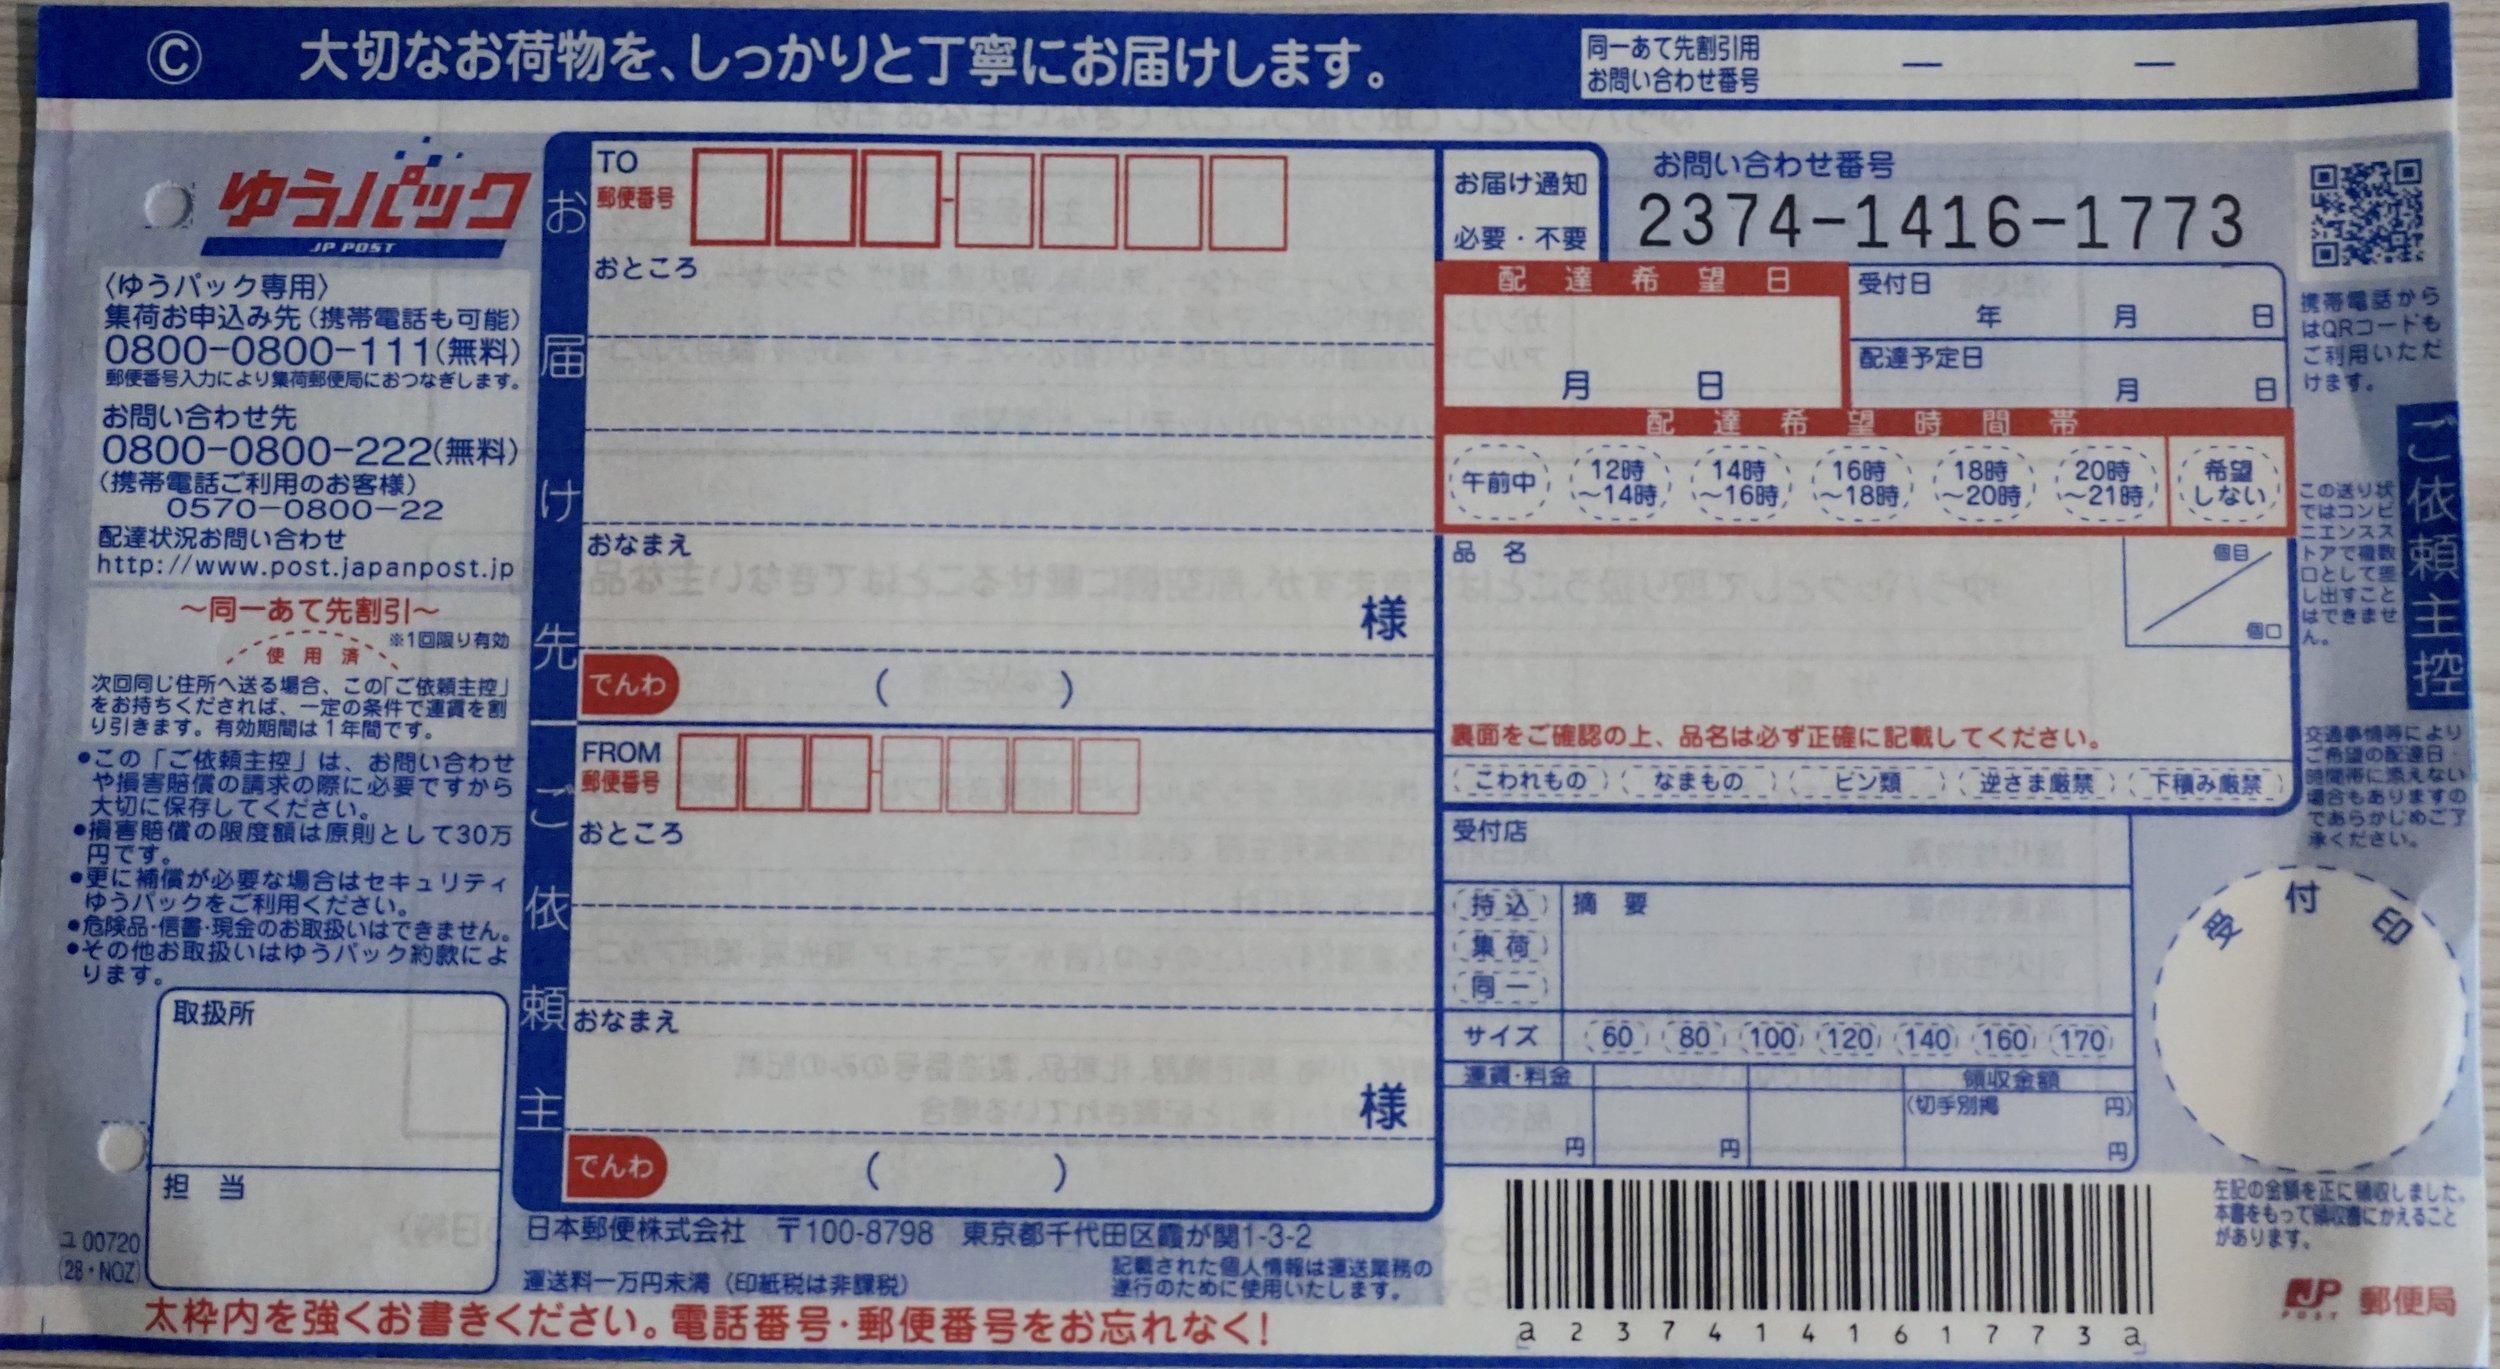 blank_yupacku_form